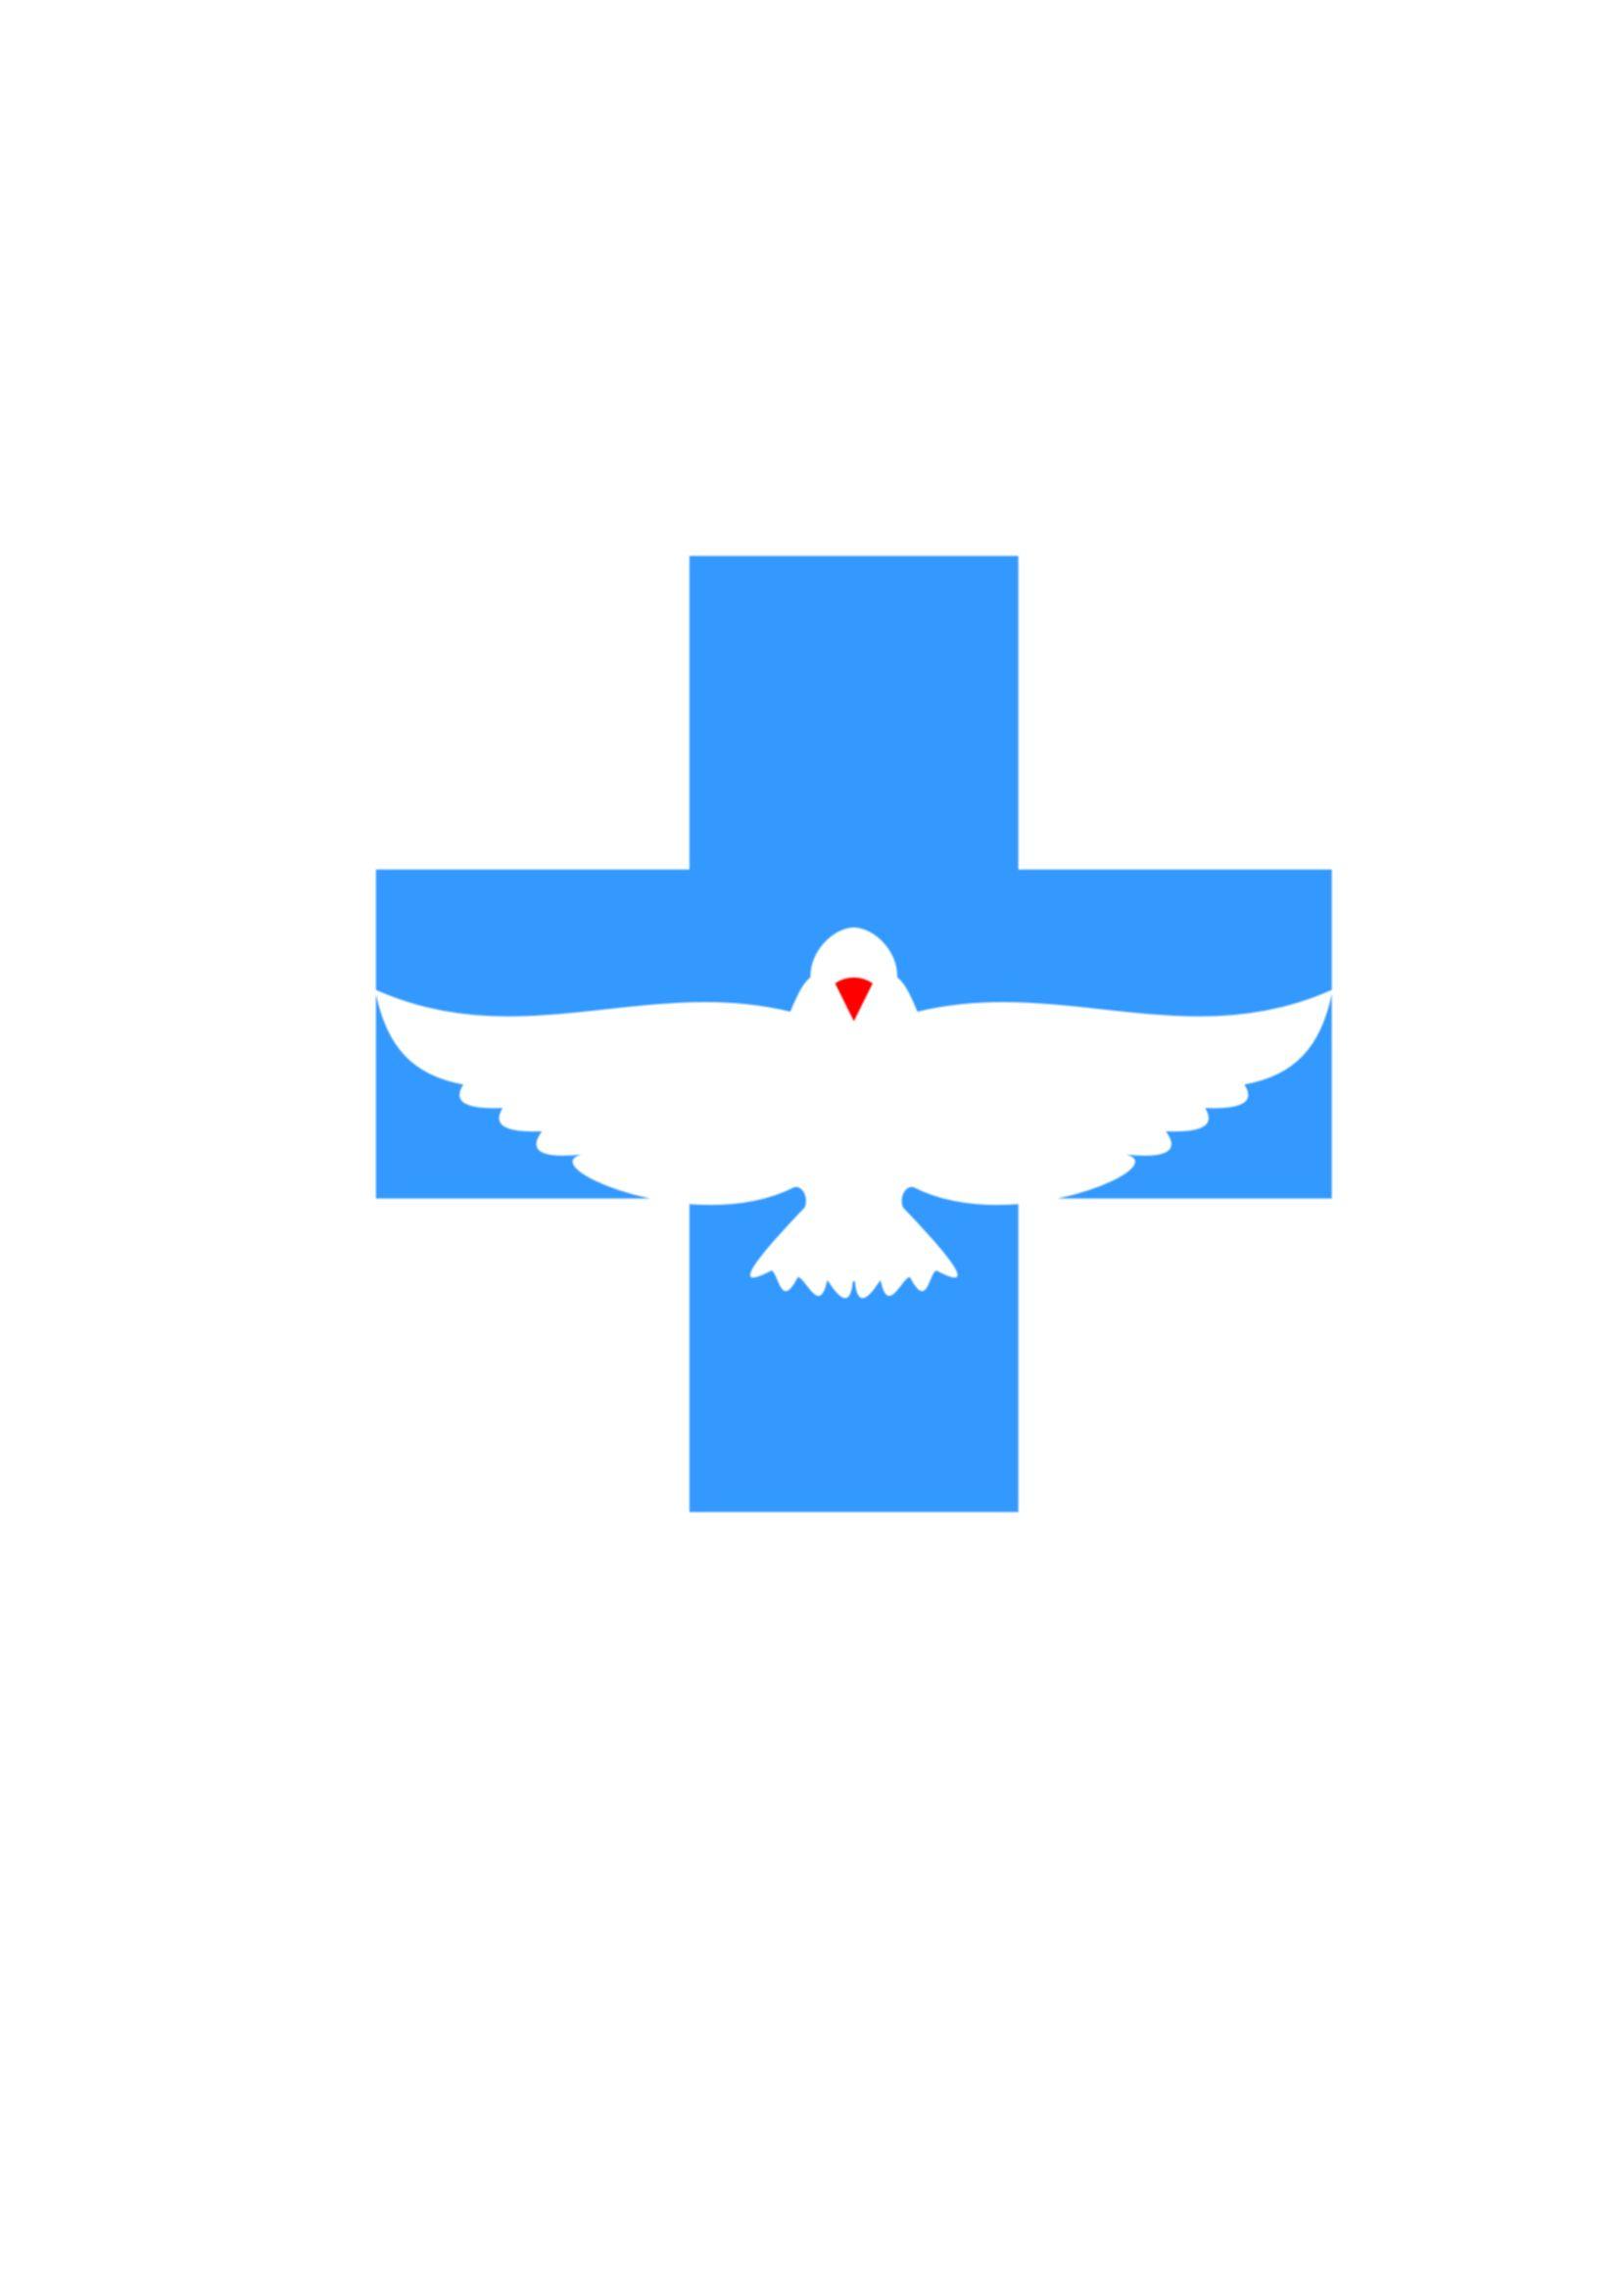 微博logo设计